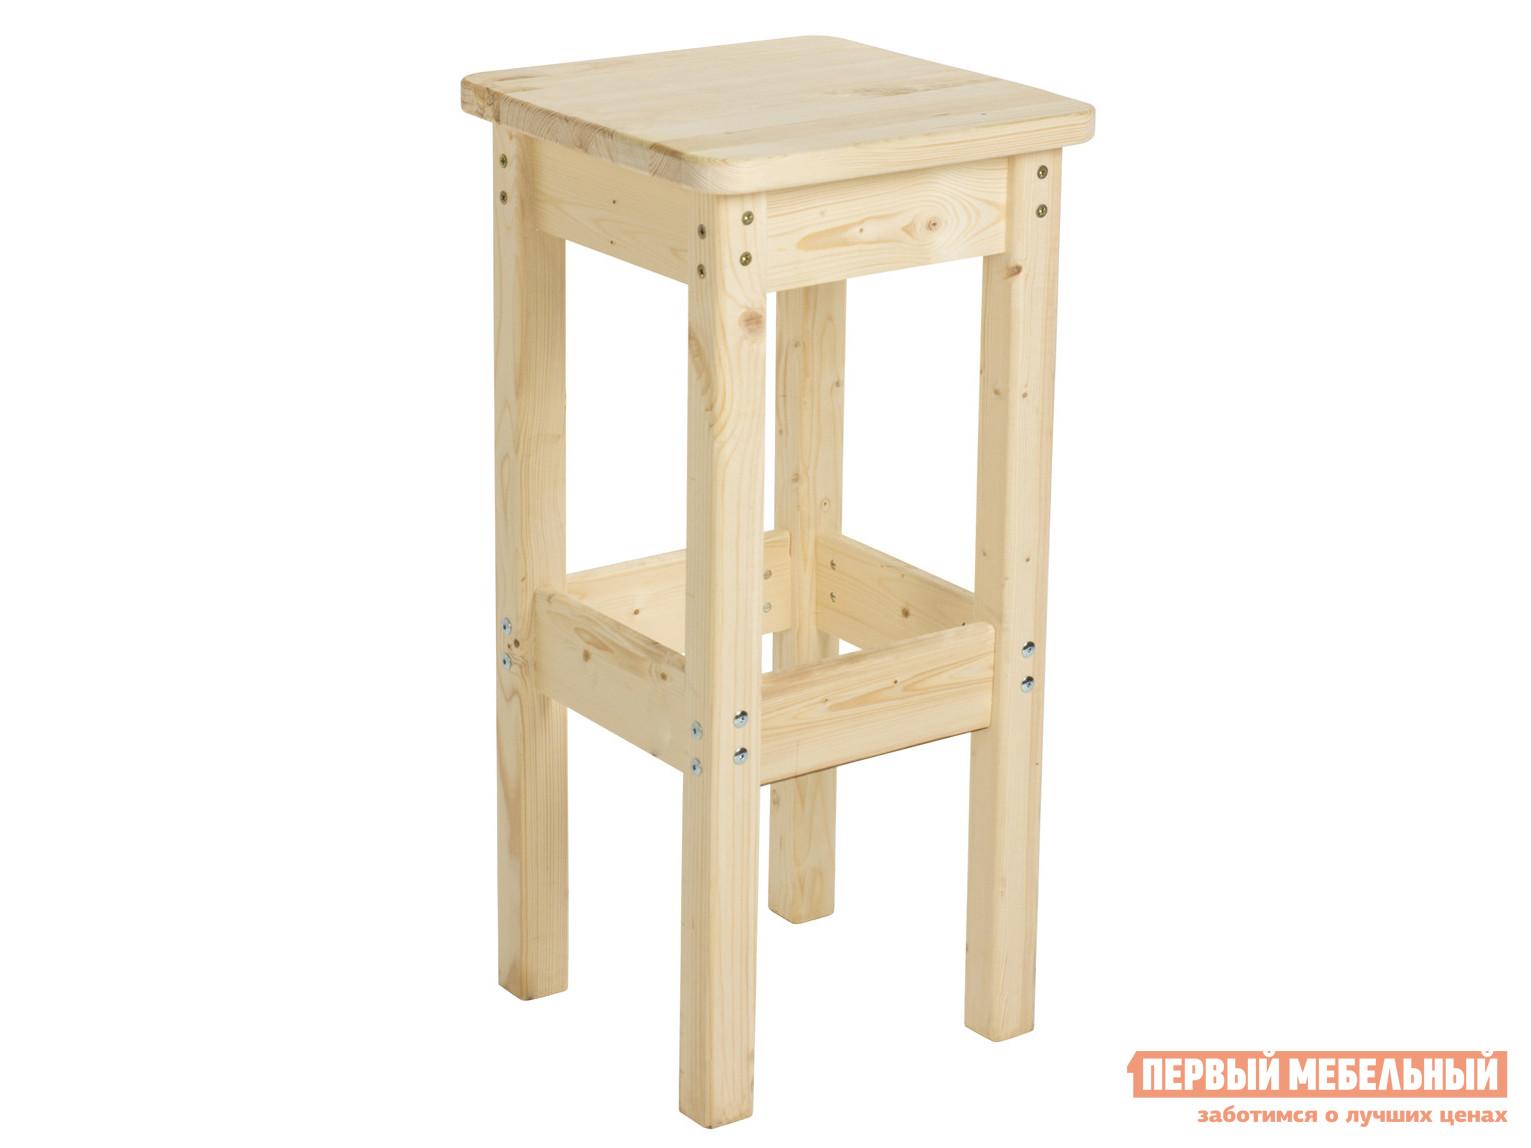 Барный стул  Барный стул 400х400 высота 80 см Натуральный